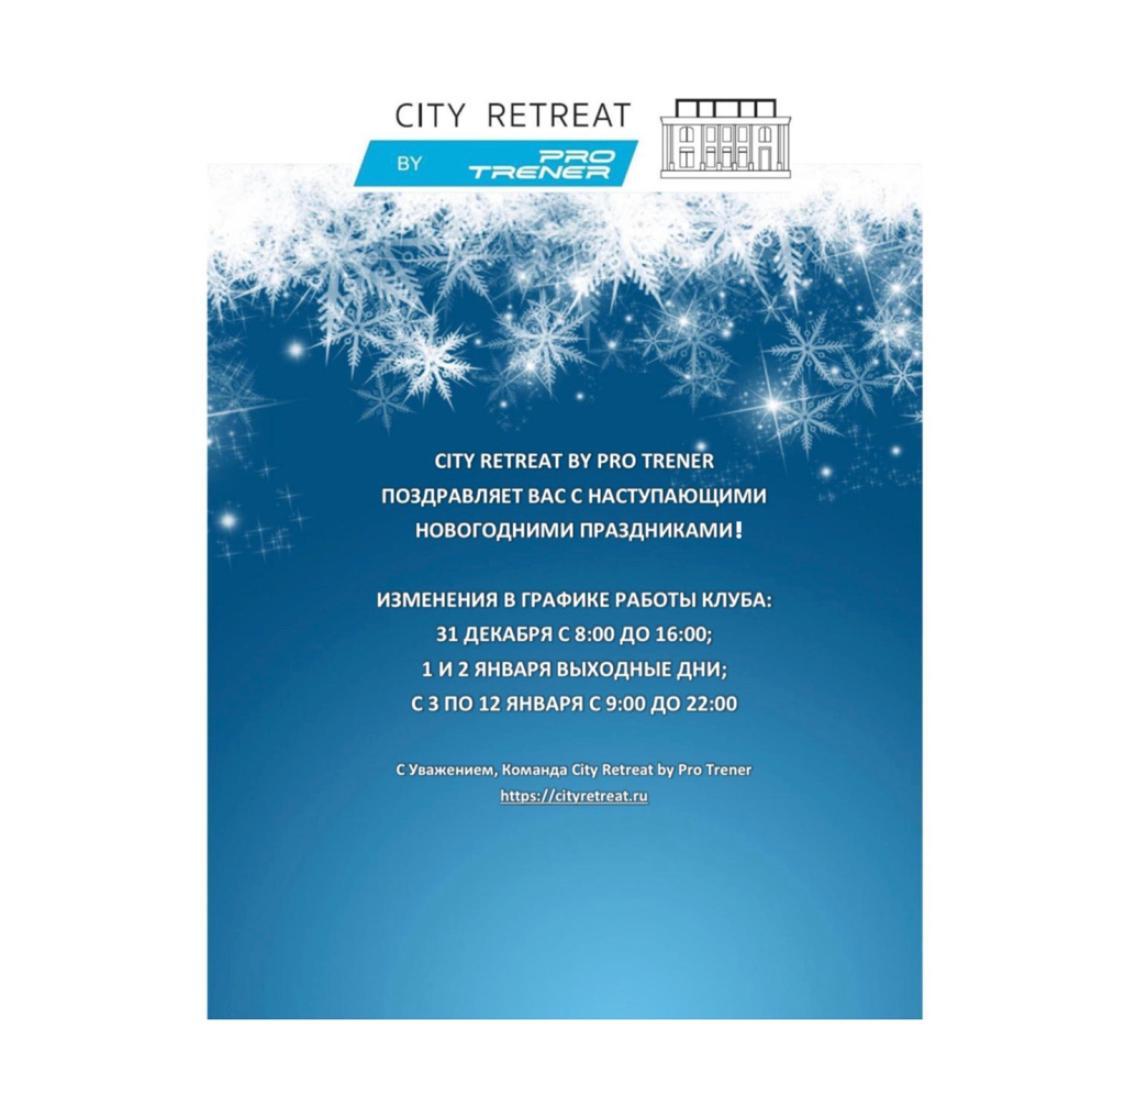 City Retreat by Pro Trener поздравляет вас с наступающими праздниками!